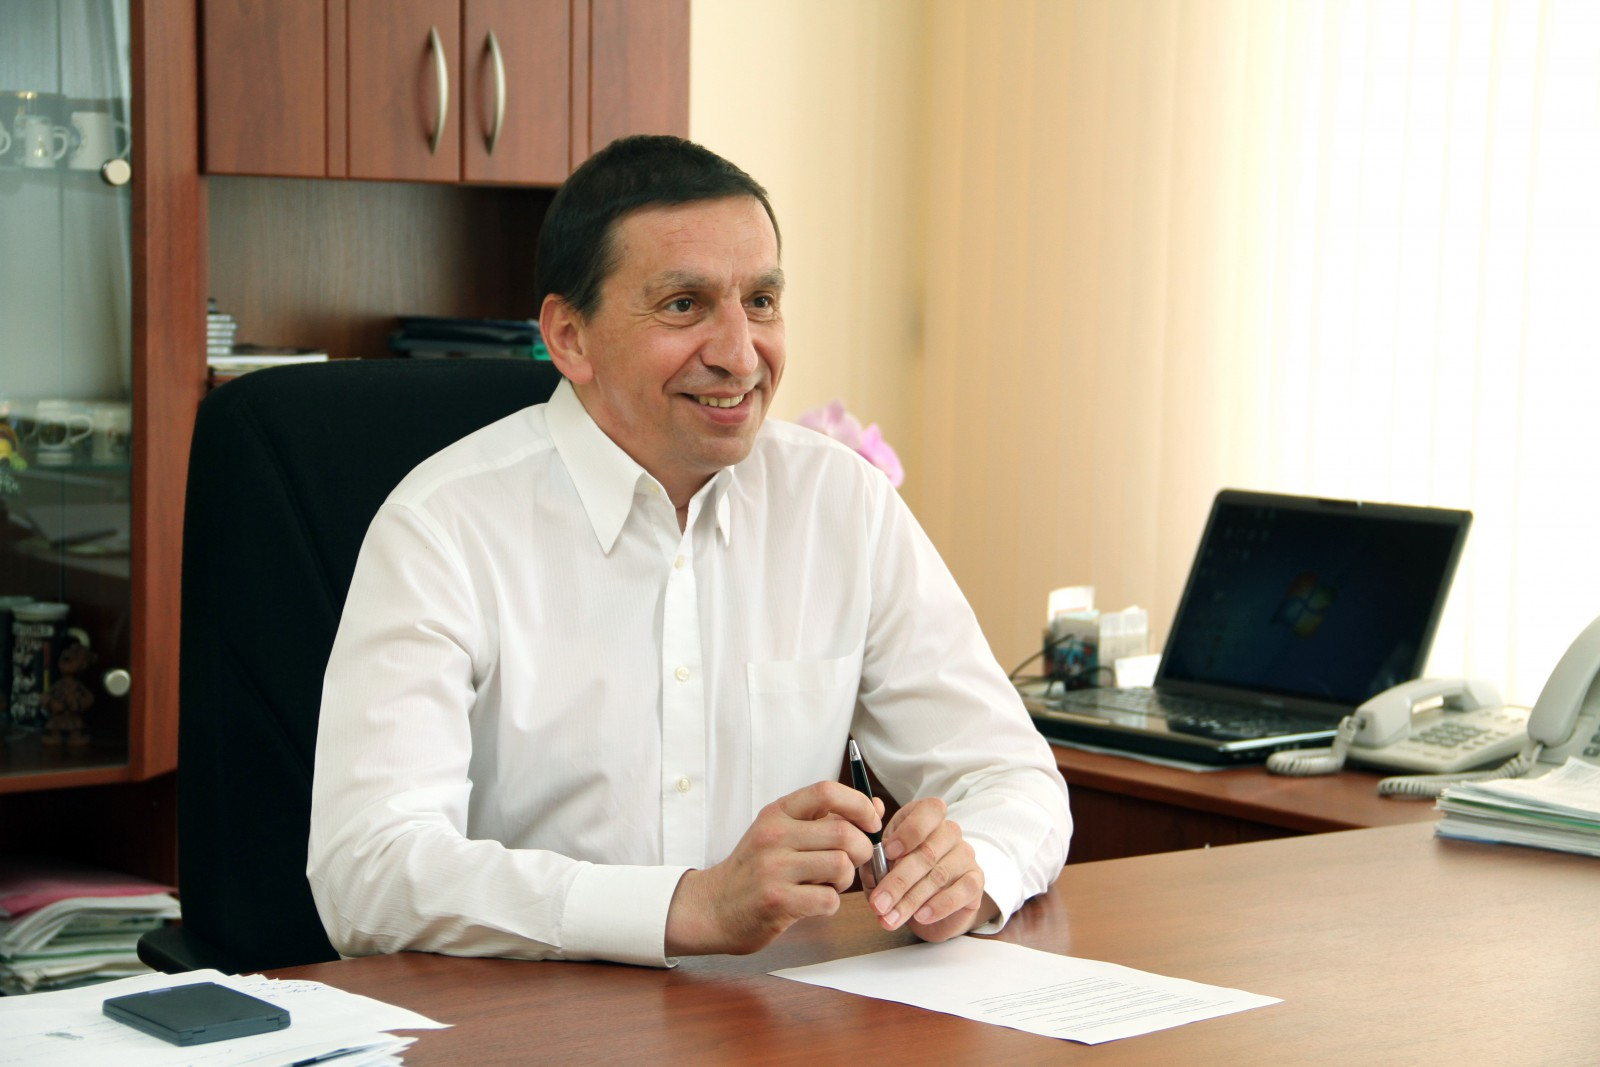 Interviu cu președintele FinComBank, Victor Hvorostovschii: Dacă stai pe loc, alții merg înainte, iar tu rămâi în urmă